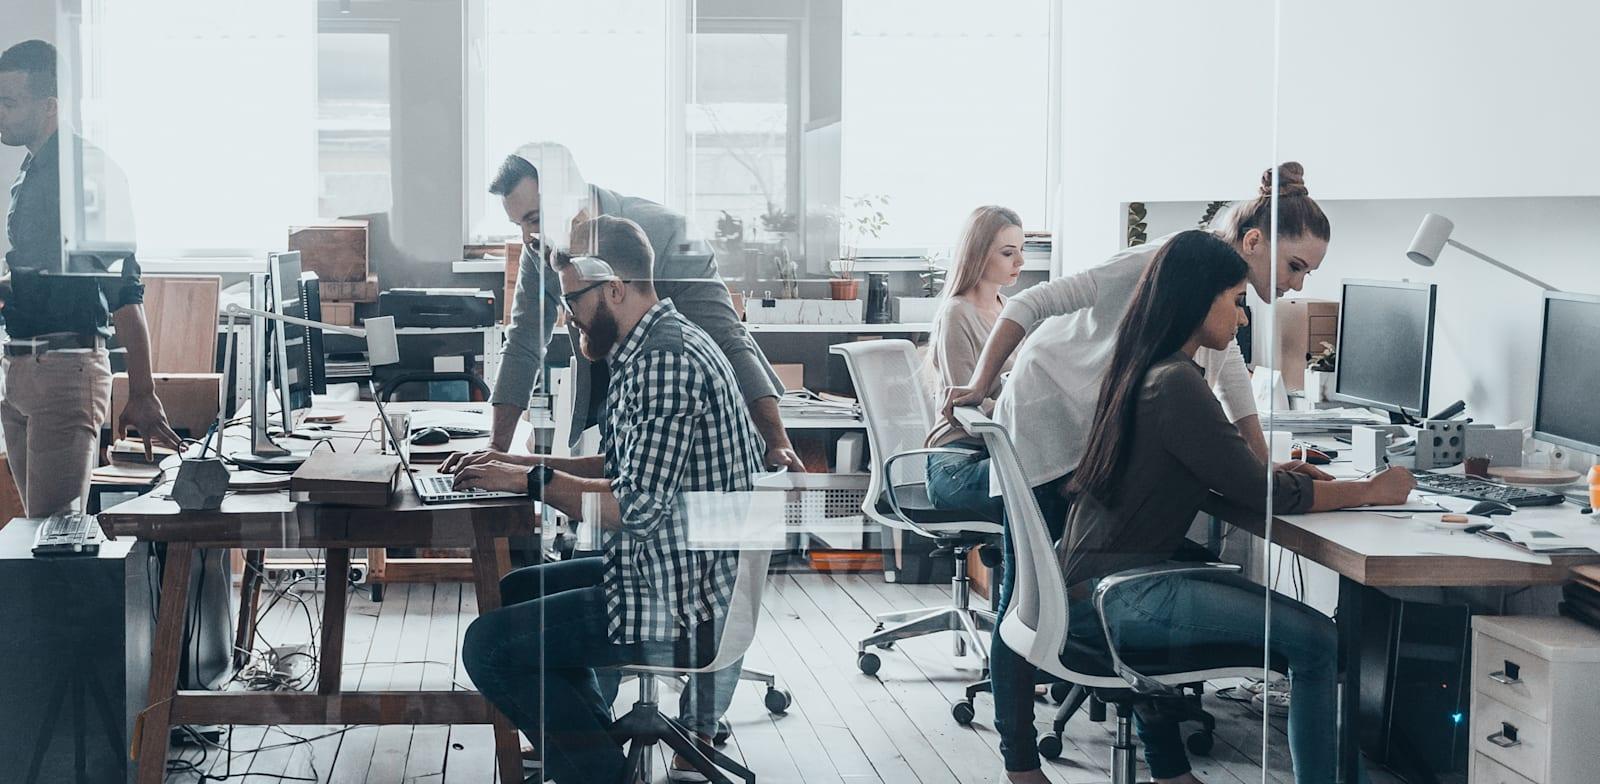 עבודה בהייטק. ירידה של 6.1% בשכר הממוצע